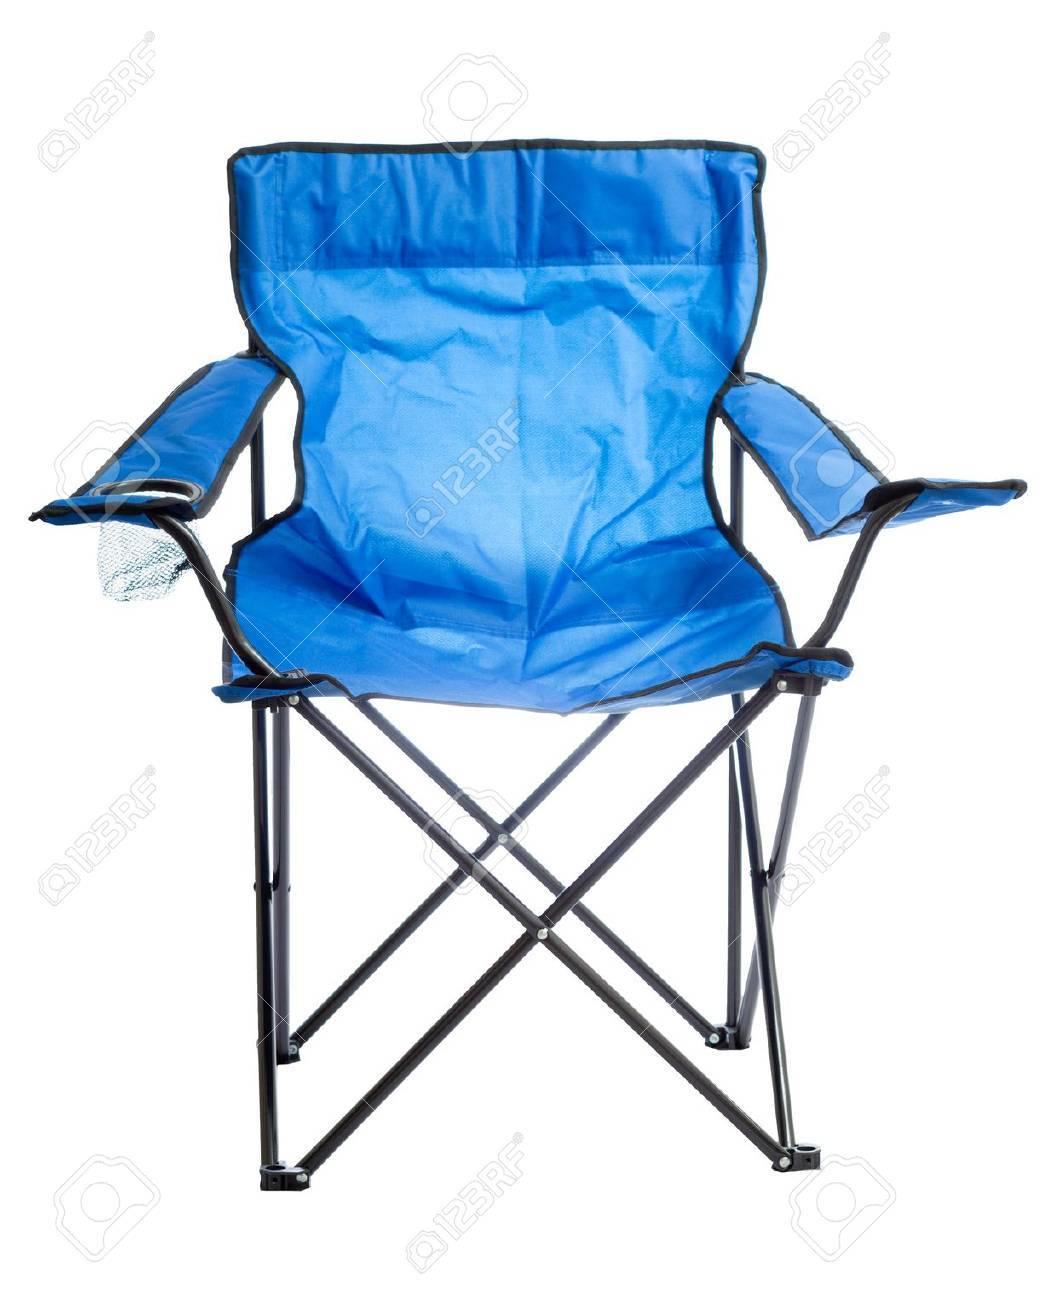 Bleu Chaise Pliante Camp Isol Sur Fond Blanc Banque DImages Et